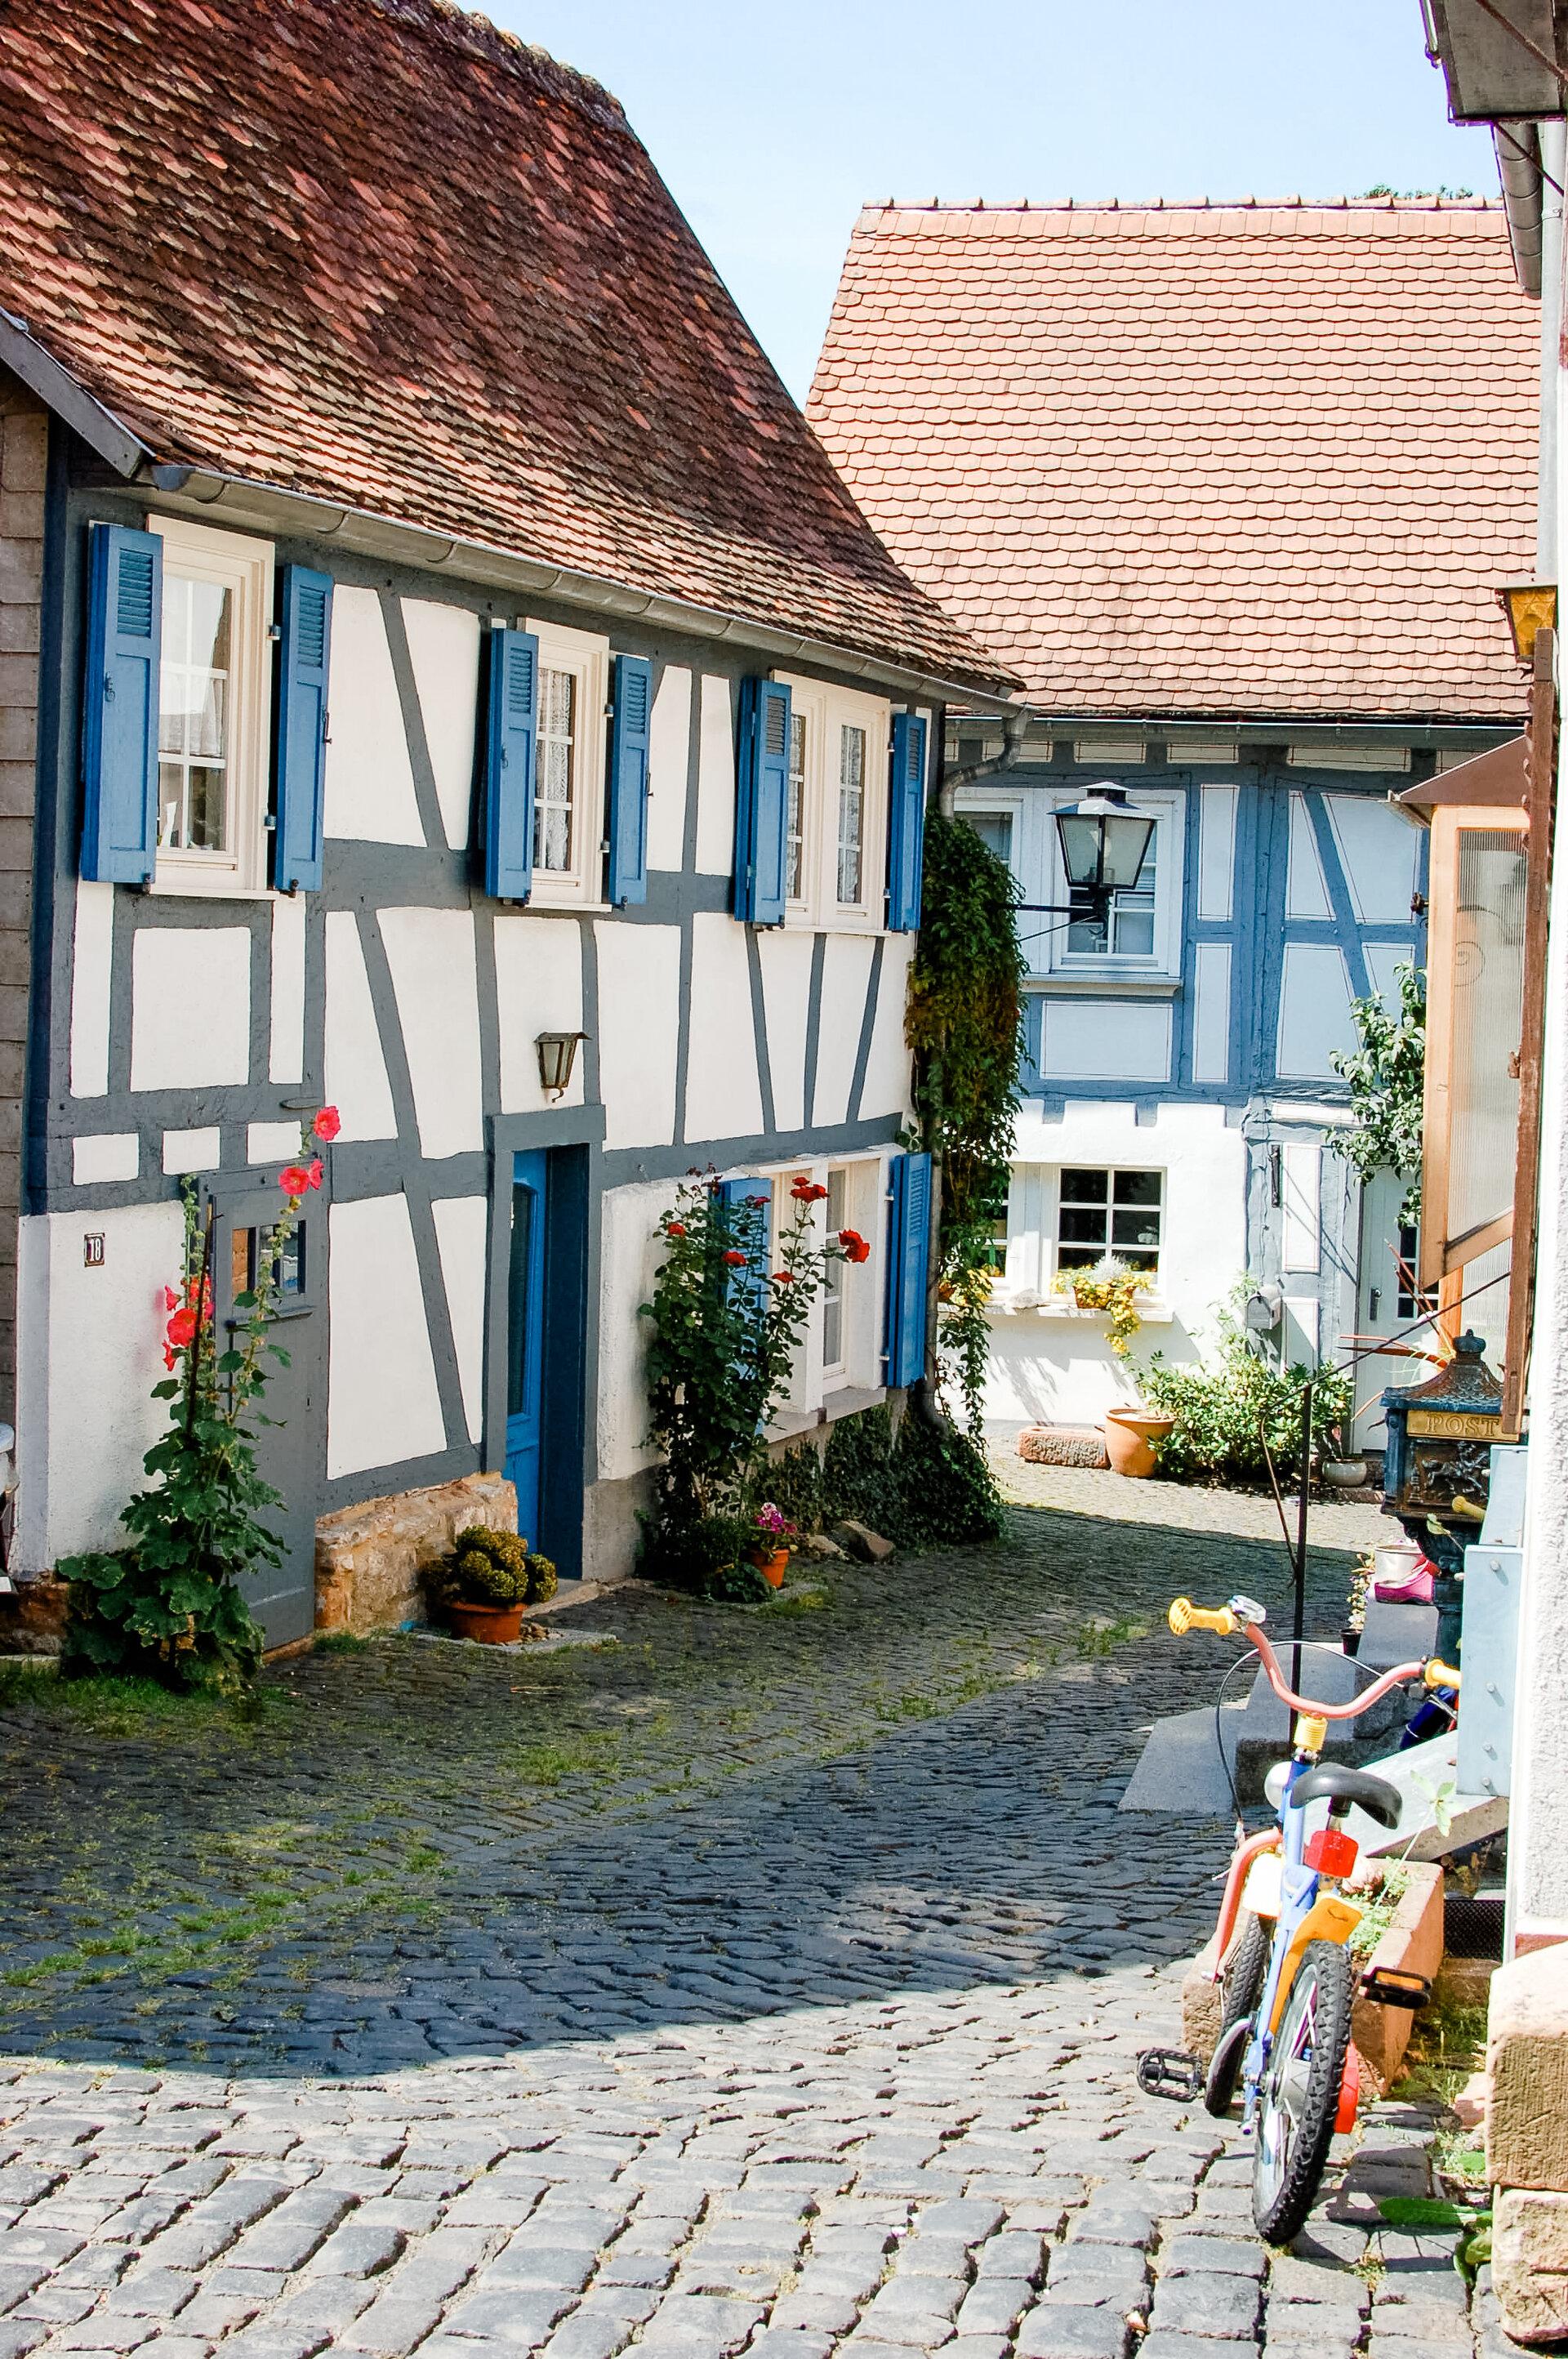 Malerische Gassen in der Altstadt von Ortenberg